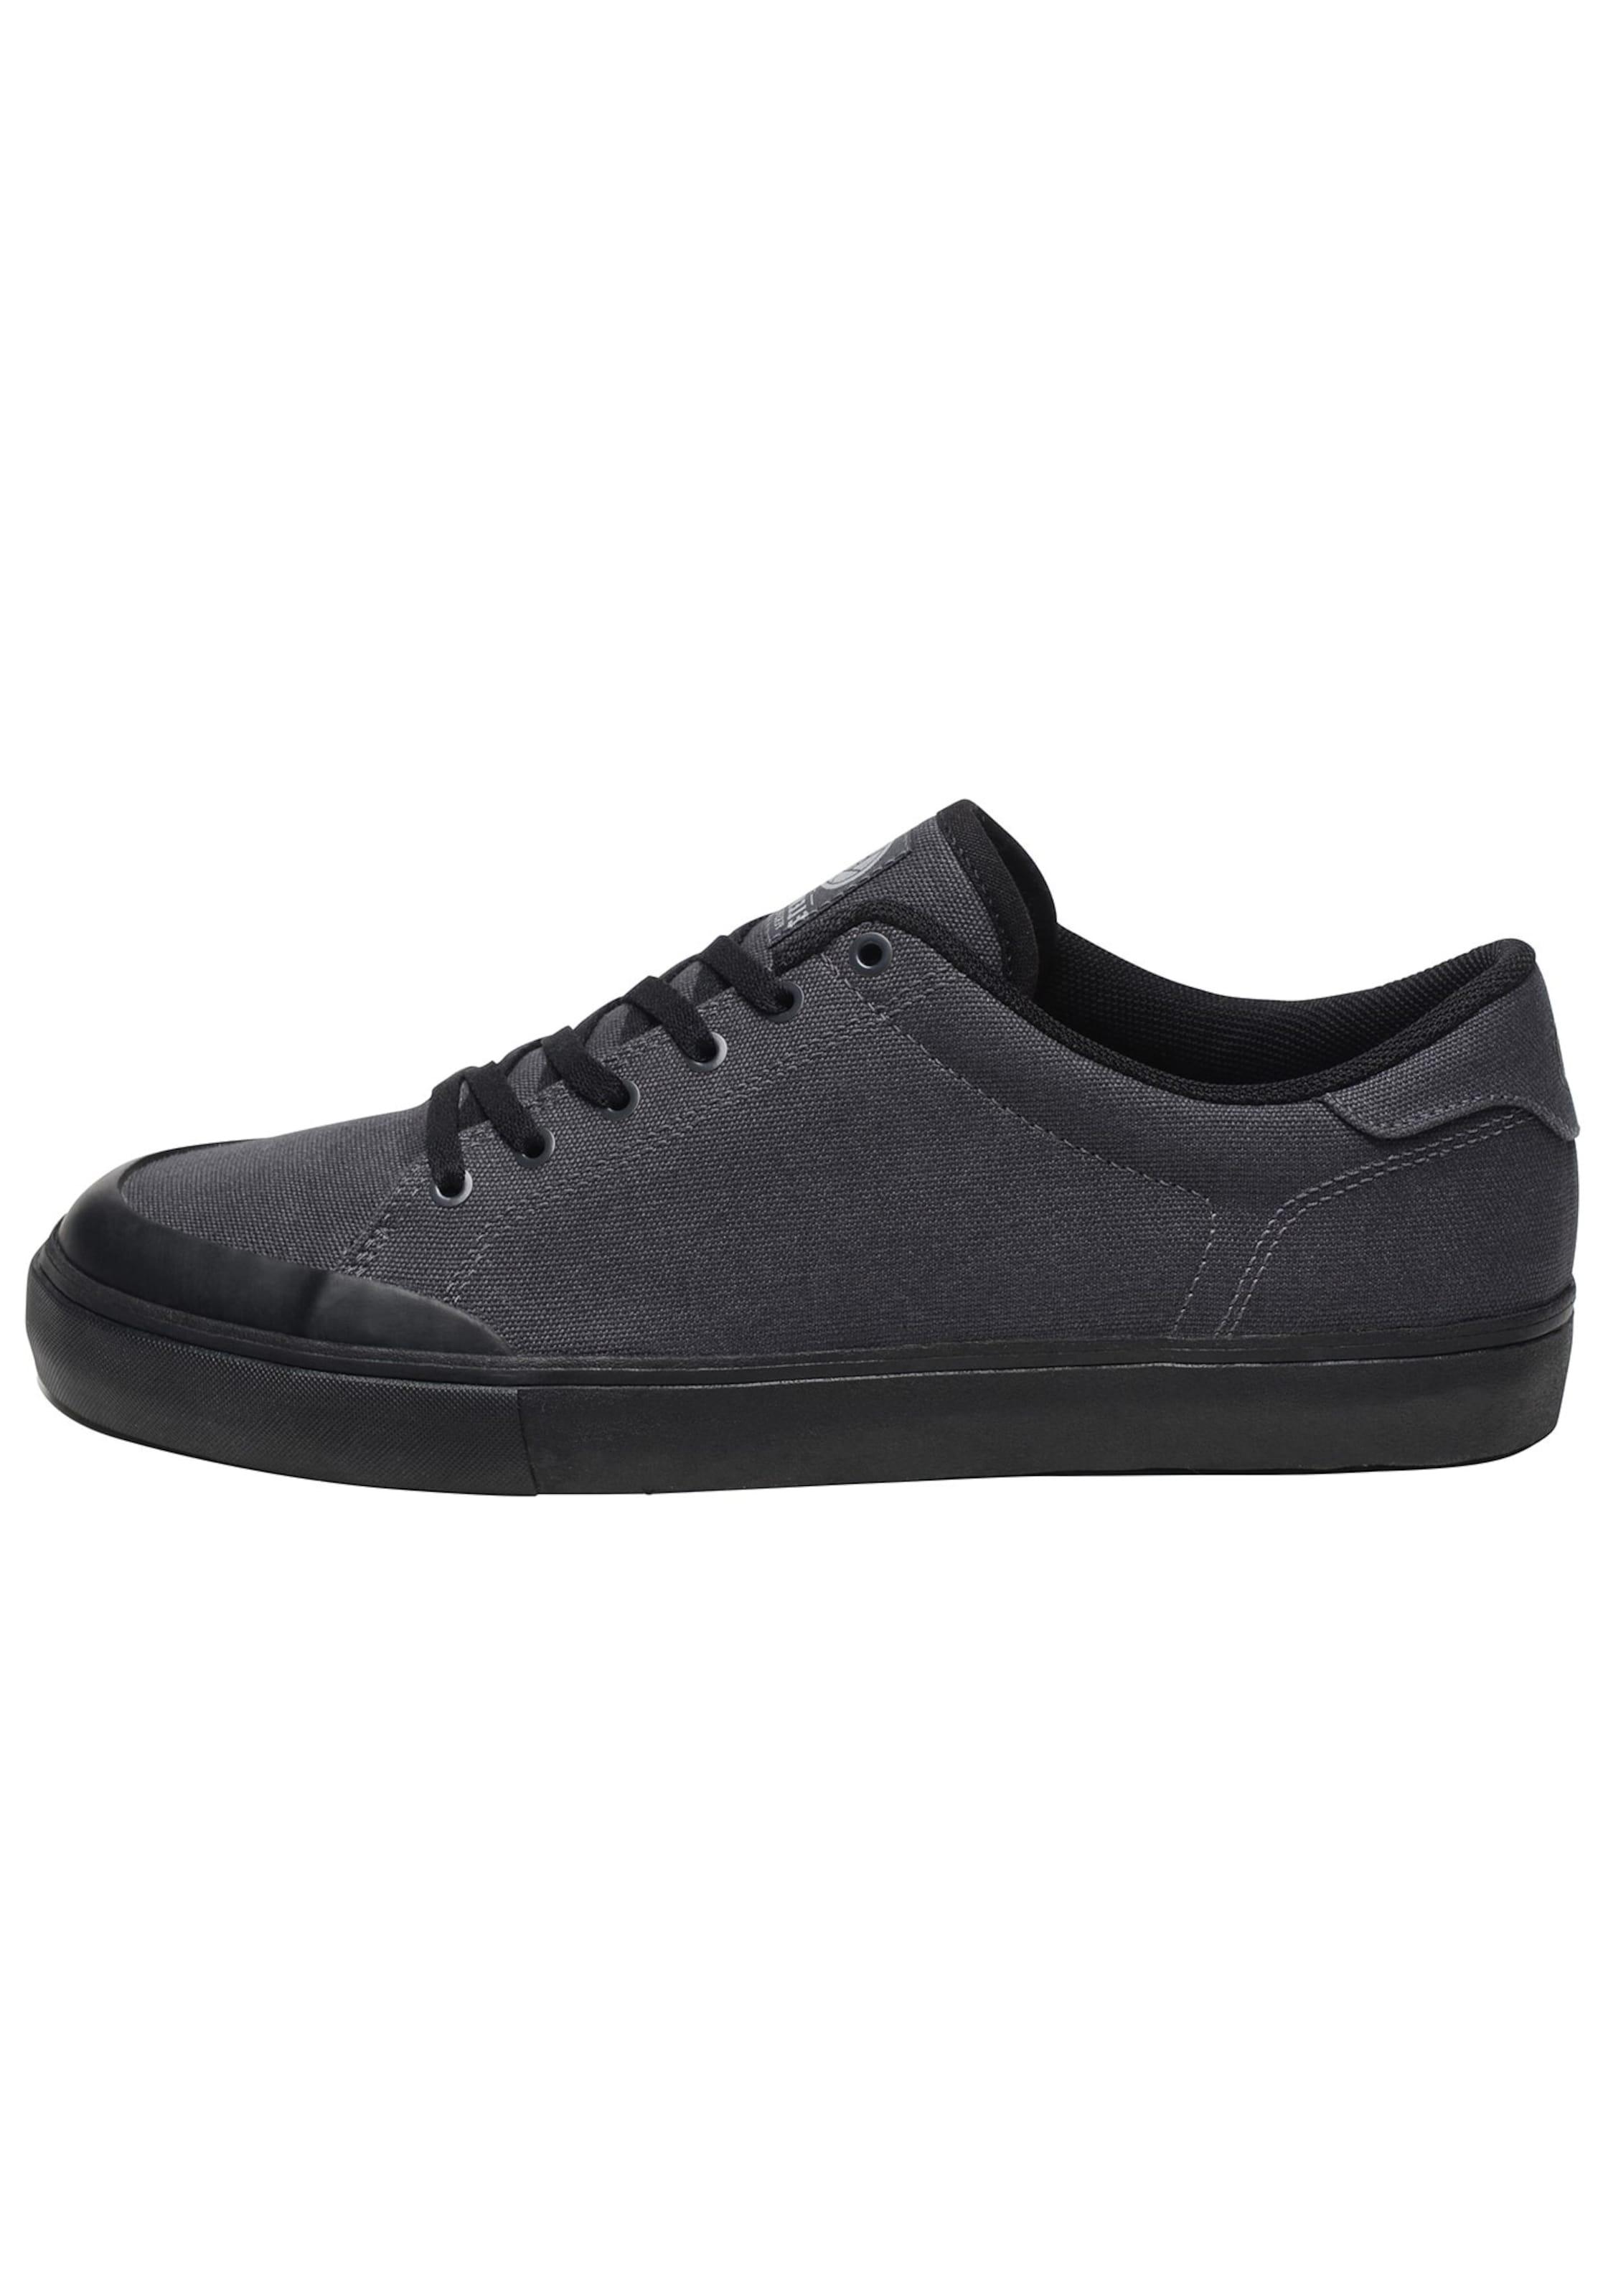 ELEMENT Mattis Sneaker Verschleißfeste billige Schuhe